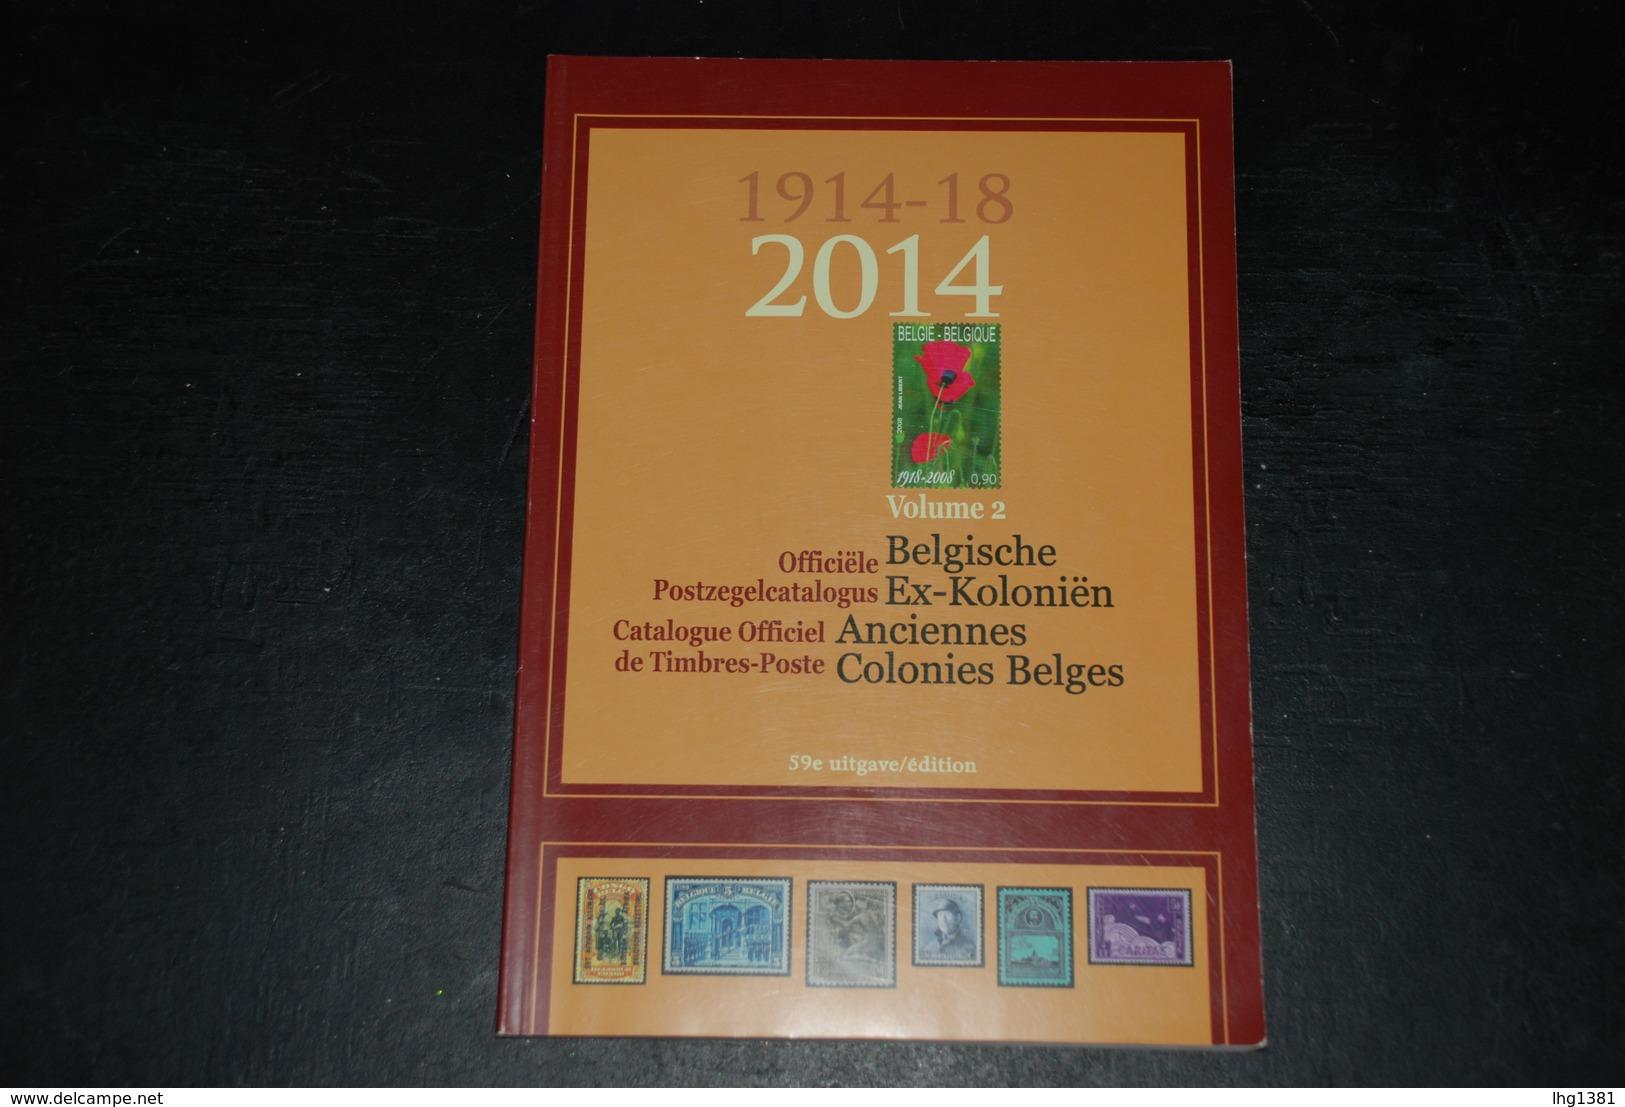 Catalogue Officiel Belge 2014 (anciennes Colonies Belges) / Officiële Postzegelcatalogus 2014 (Belgische Ex-koloniën) - Belgique